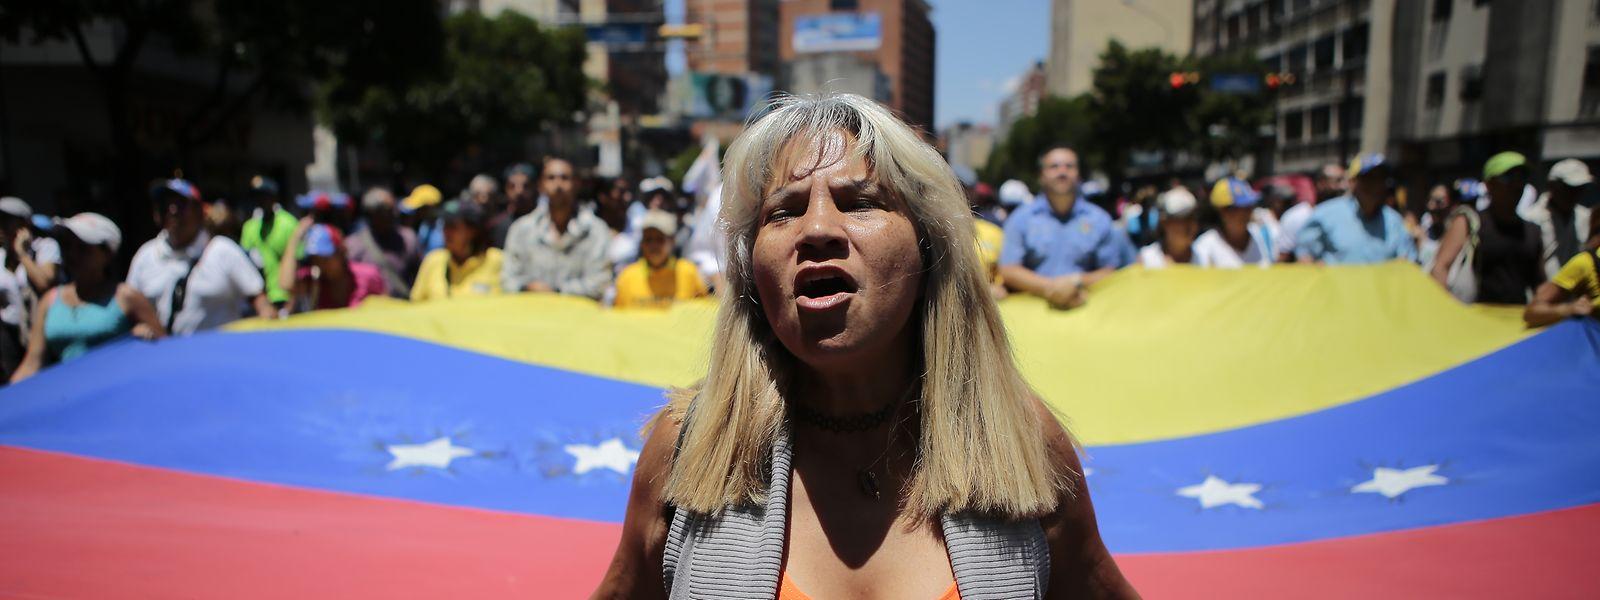 L'ONU prévoit 5,3 millions de migrants vénézuéliens fin 2019 – la pire crise humanitaire qu'ait connue l'Amérique latine en temps de paix